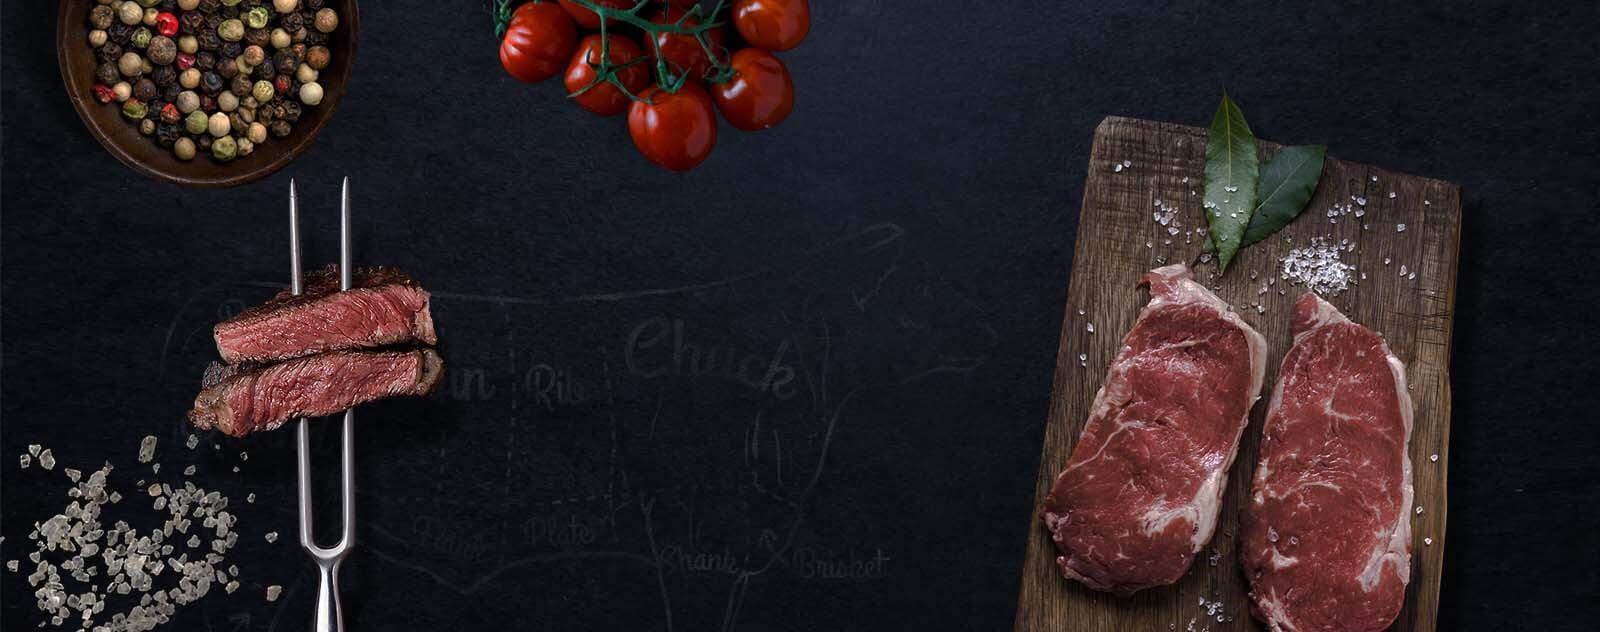 Eerlijk BBQ vlees | Duurzame kwaliteit | IdeaalCatering